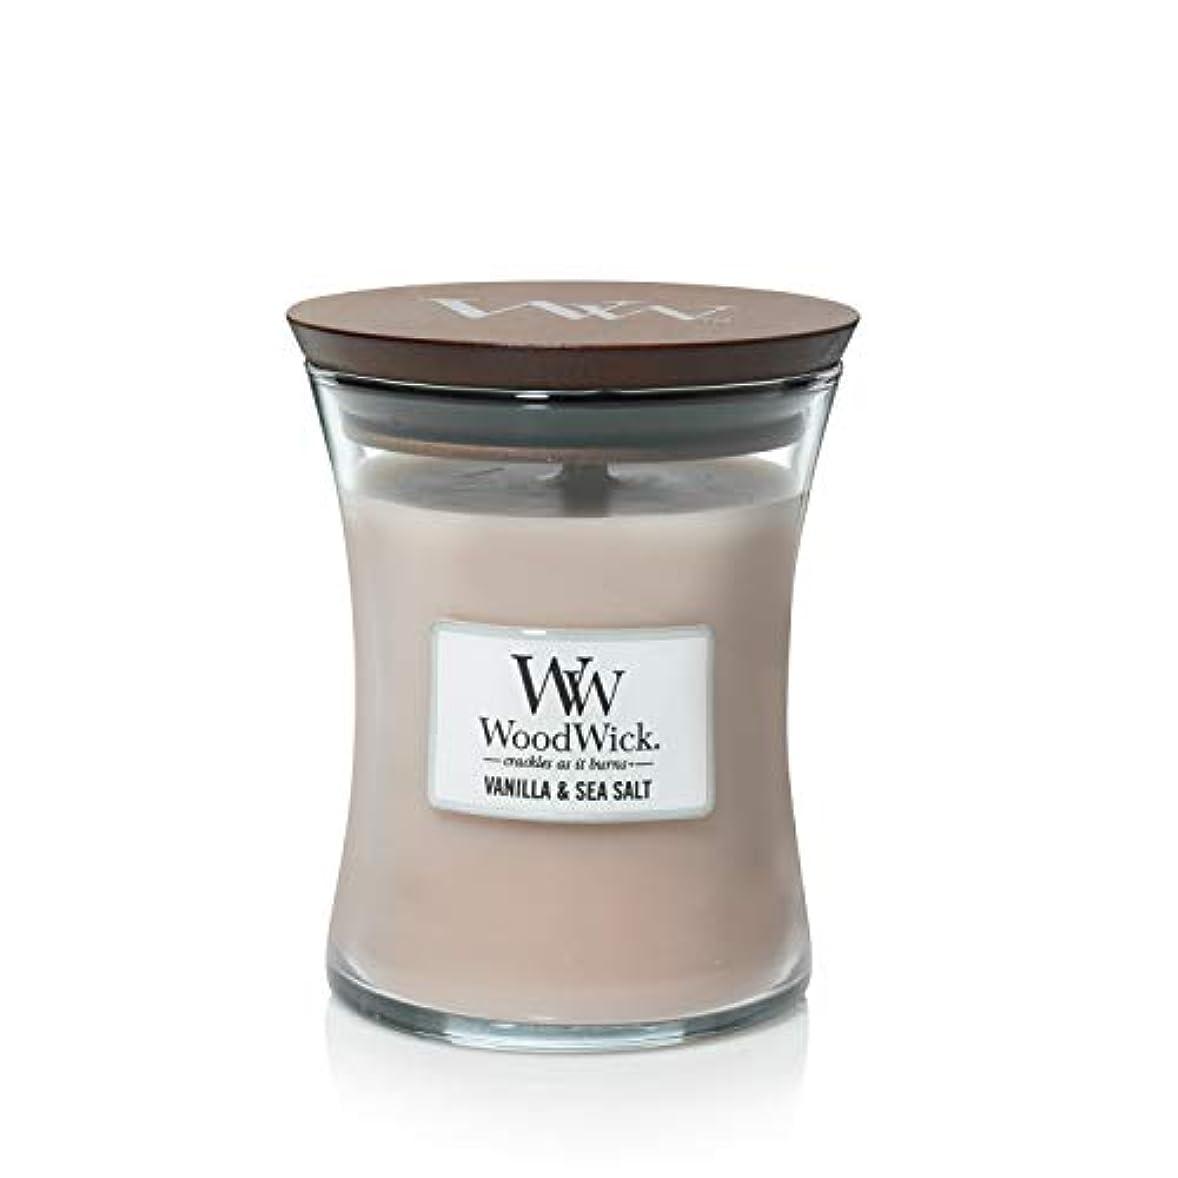 補償予約採用するバニラSea Salt WoodWick 10 oz Medium砂時計Jar Candle Burns 100時間